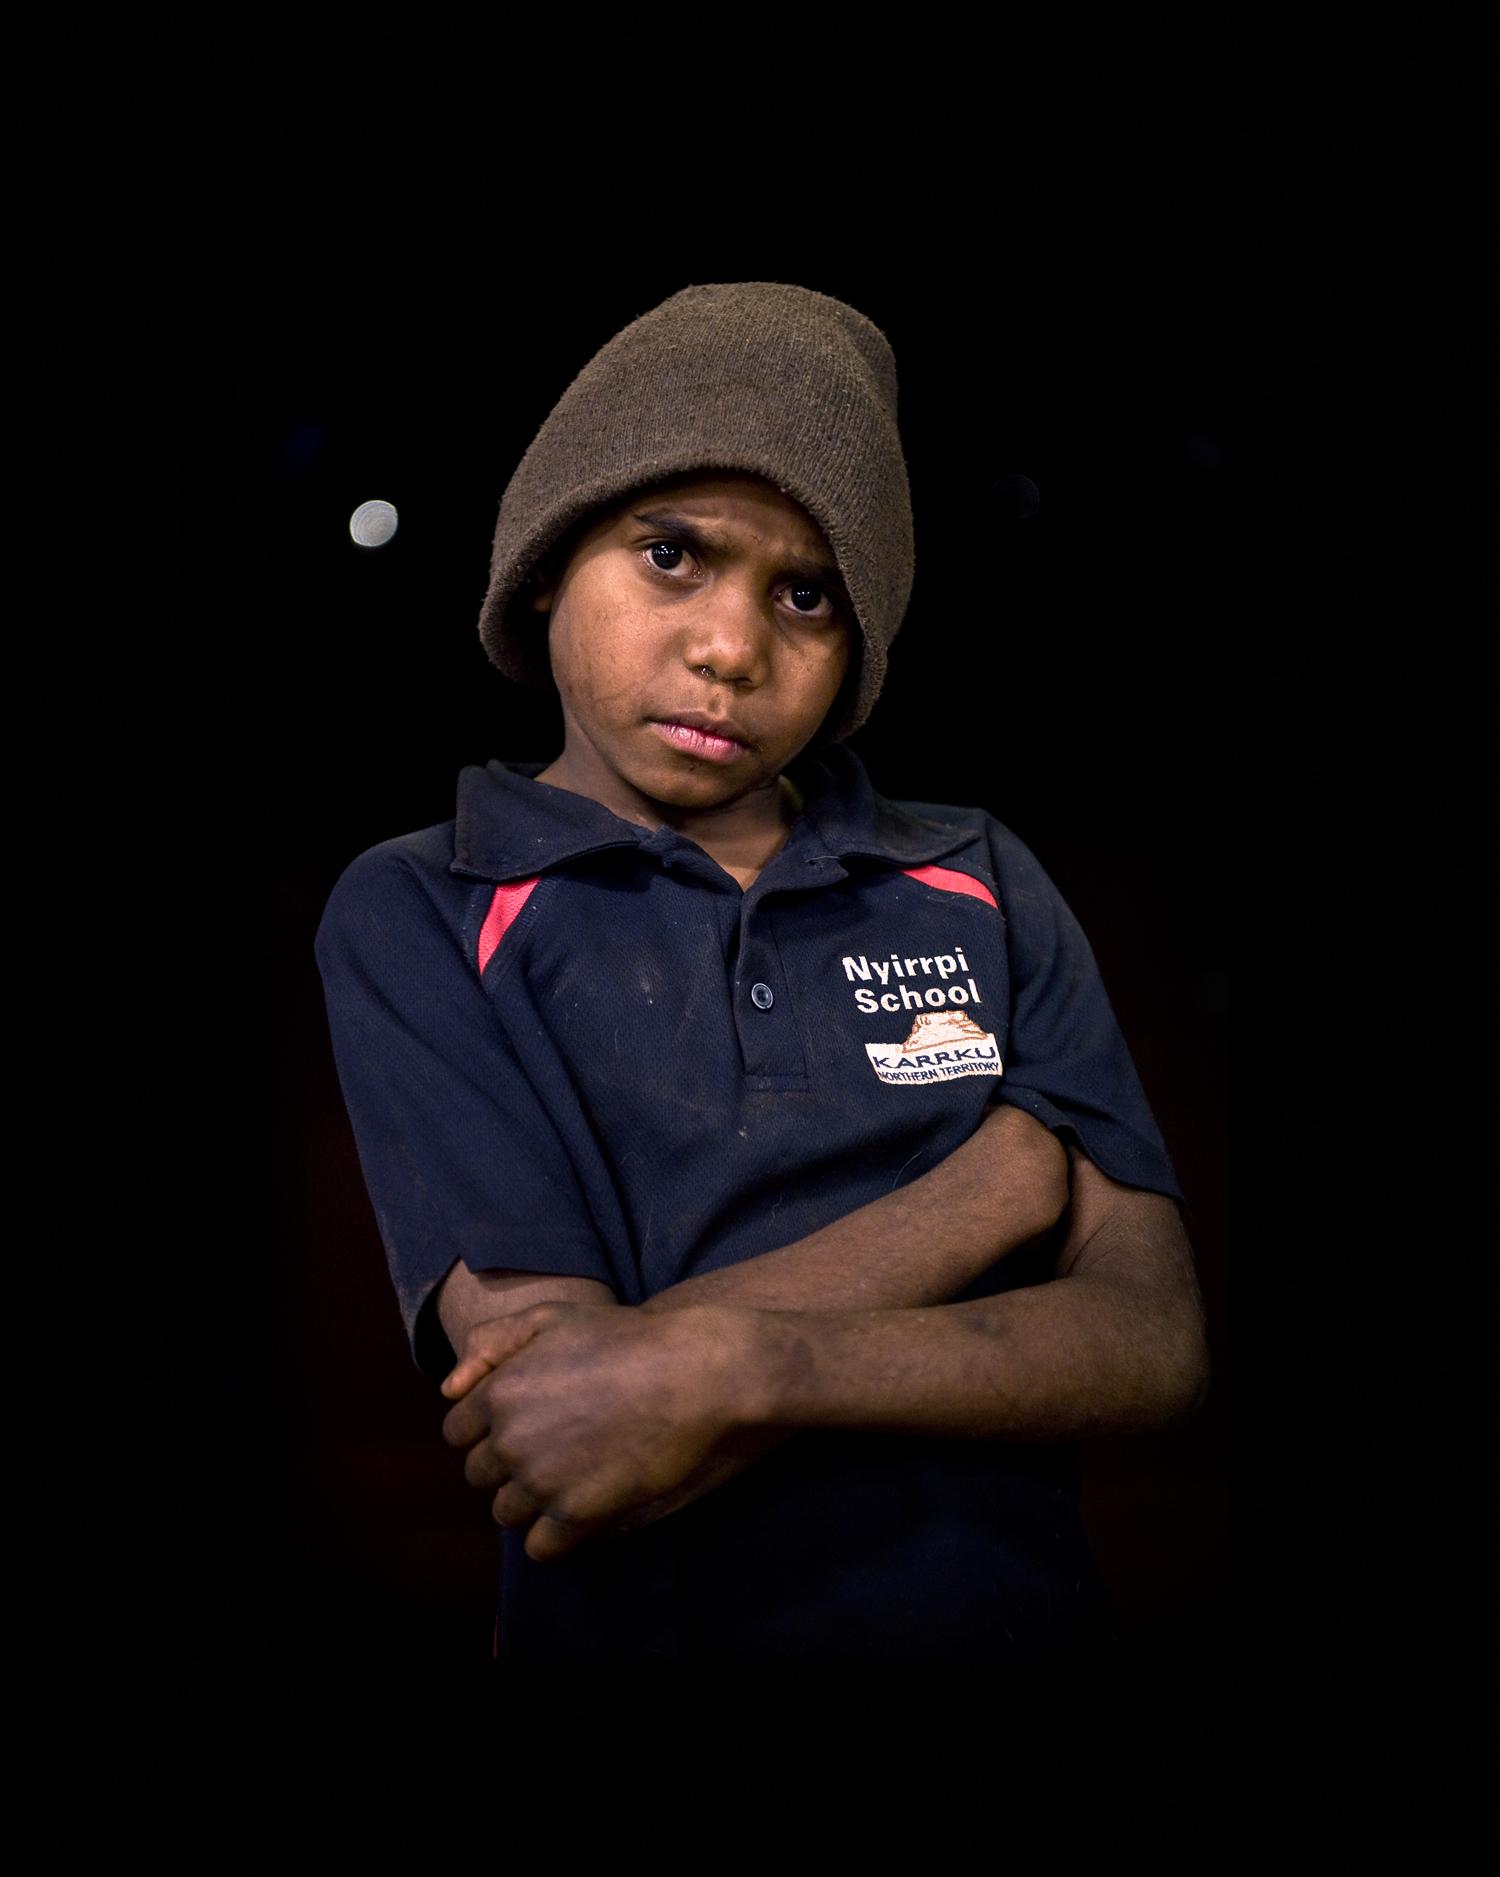 'Nyirripi Boy With Beanie'